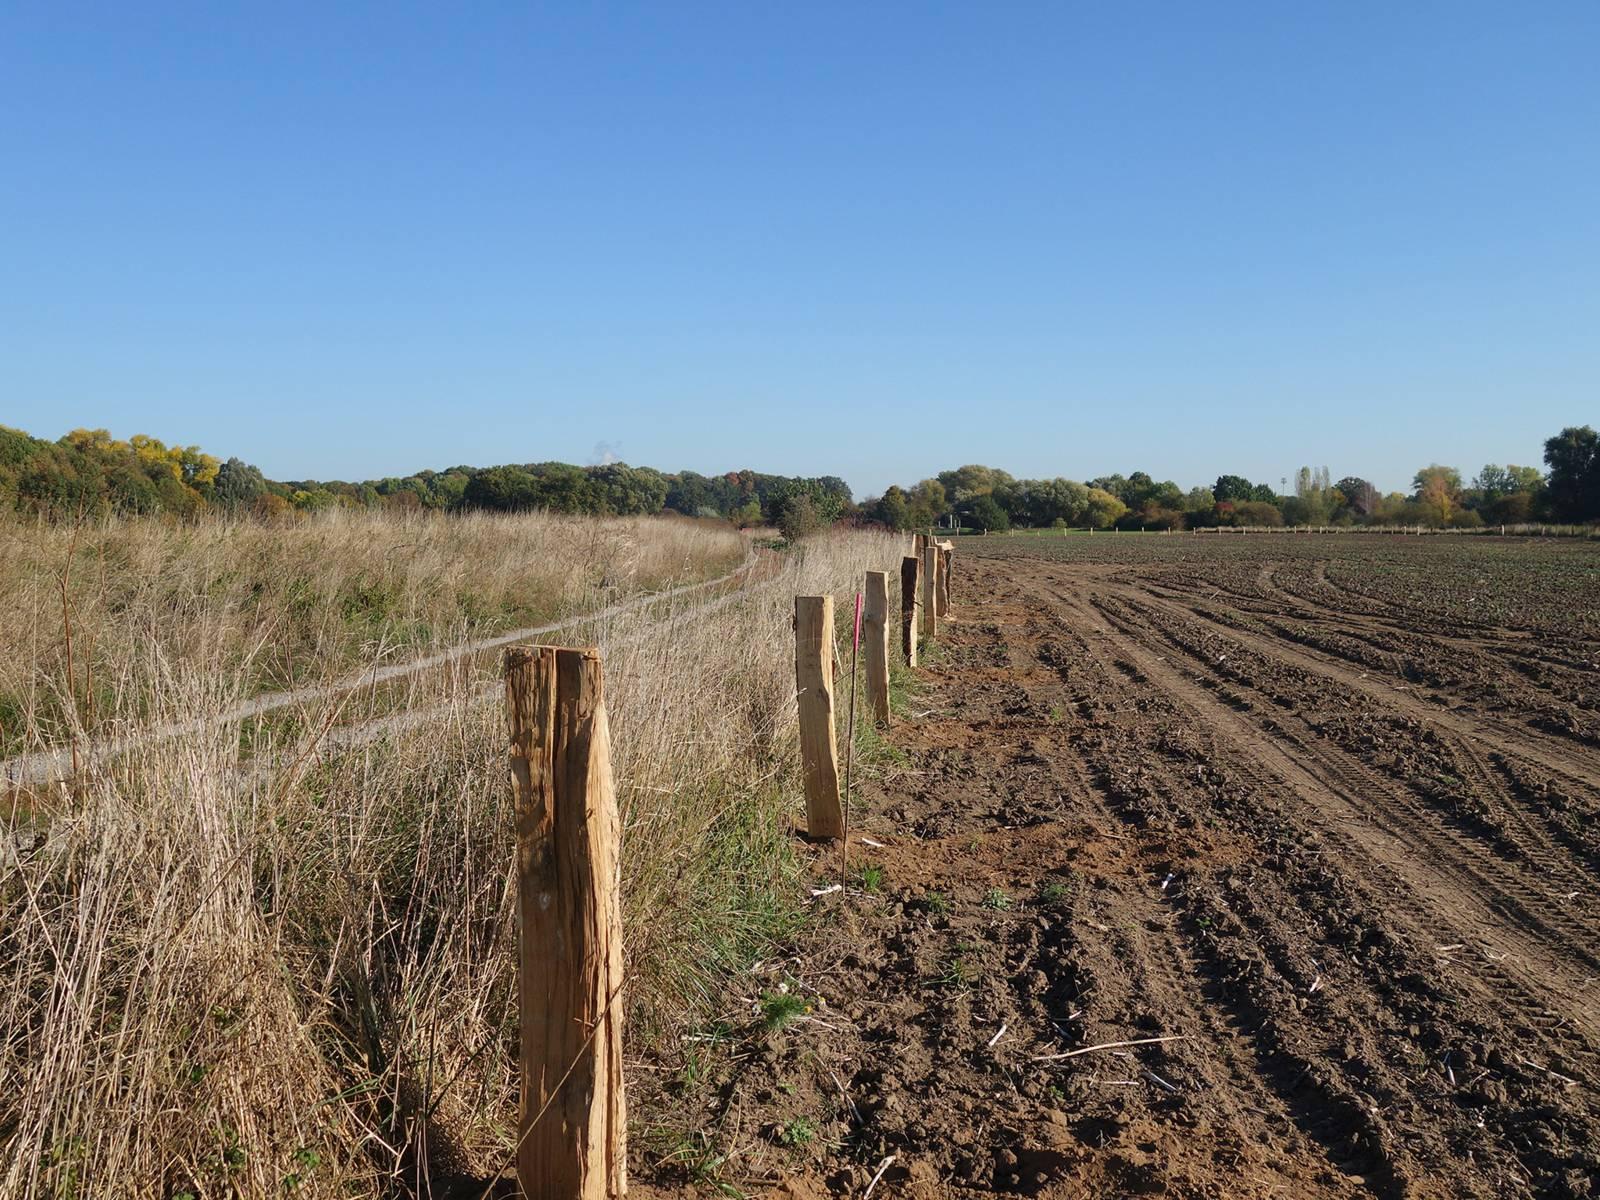 Ackerfläche, die in Grünland umgewandelt wird